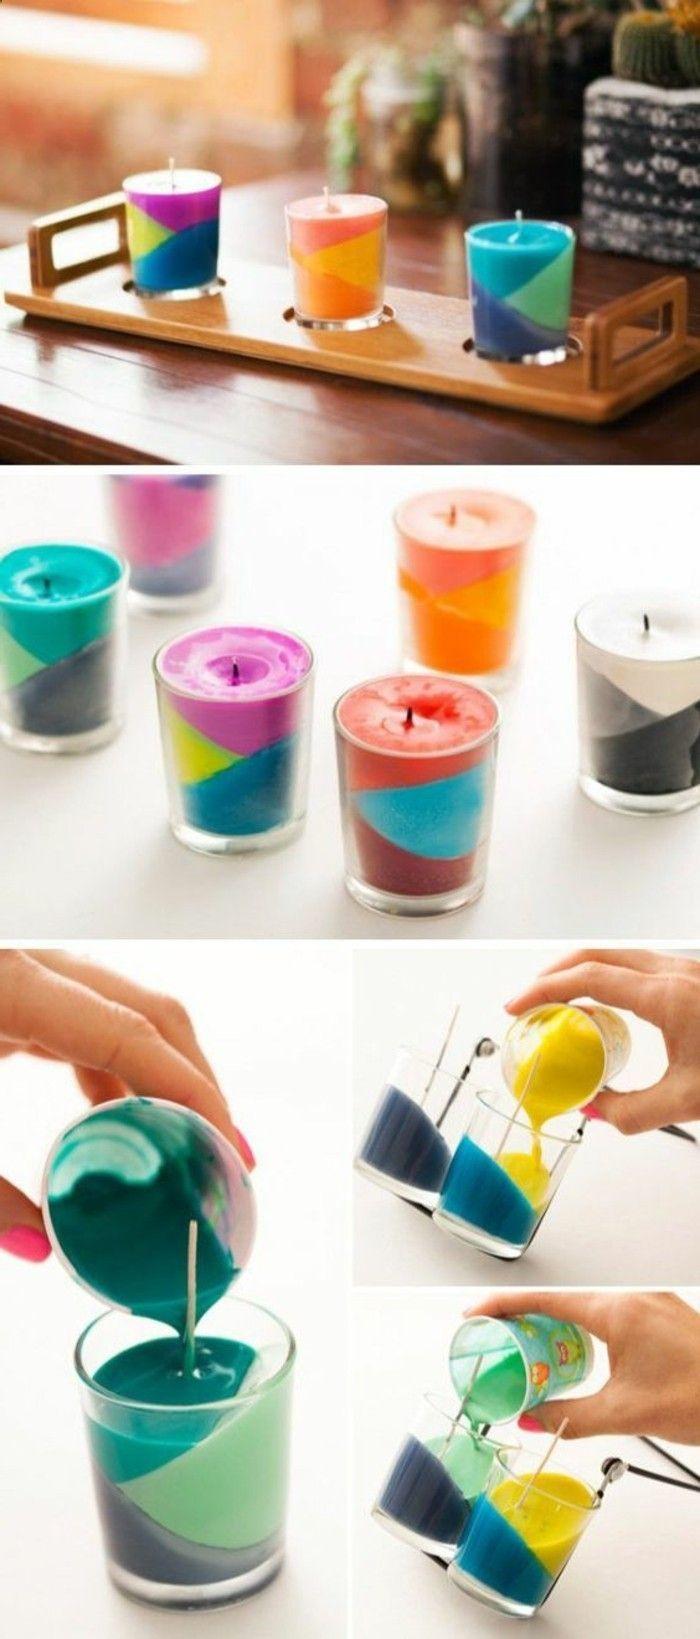 Comment Fabriquer Une Bougie tutoriel, bougies à plusieurs couches multicolores à fabriquer soi